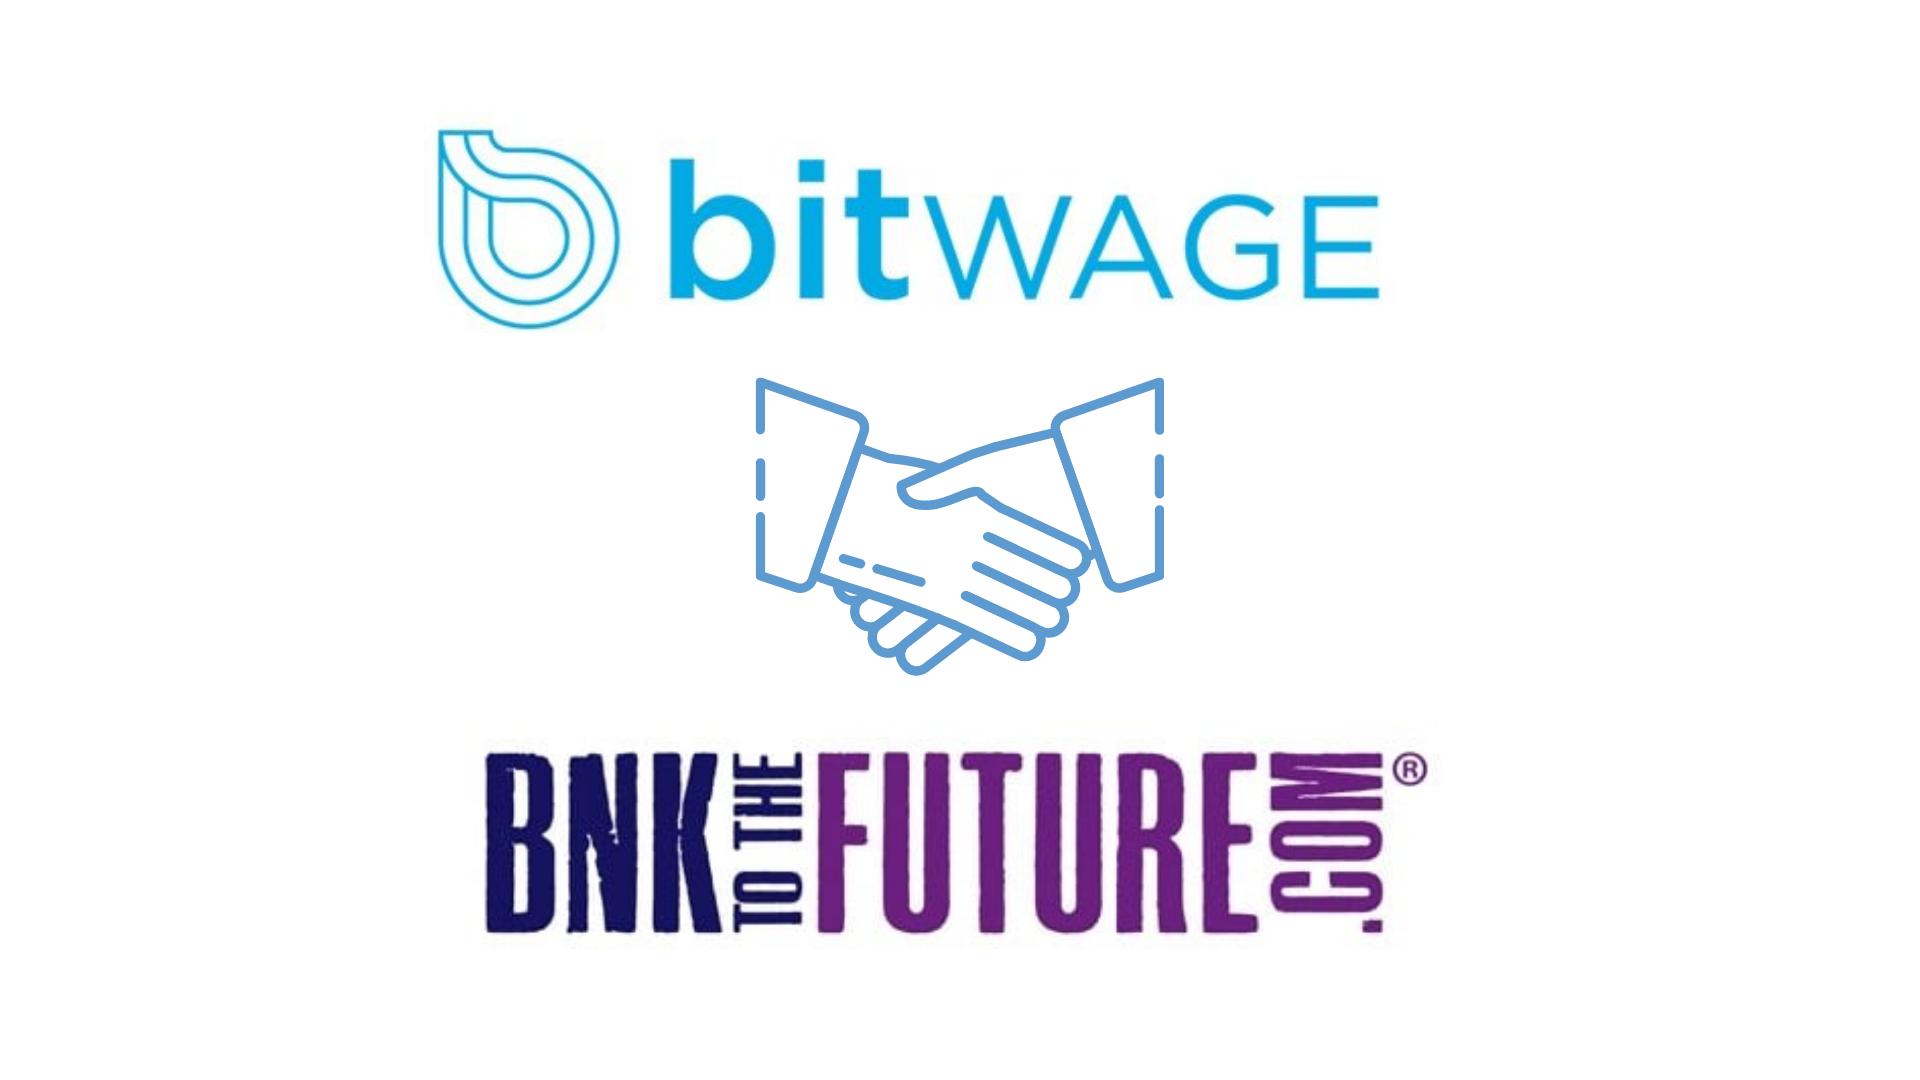 En 55 horas, Bitwage recauda 1.5 millones de dólares.